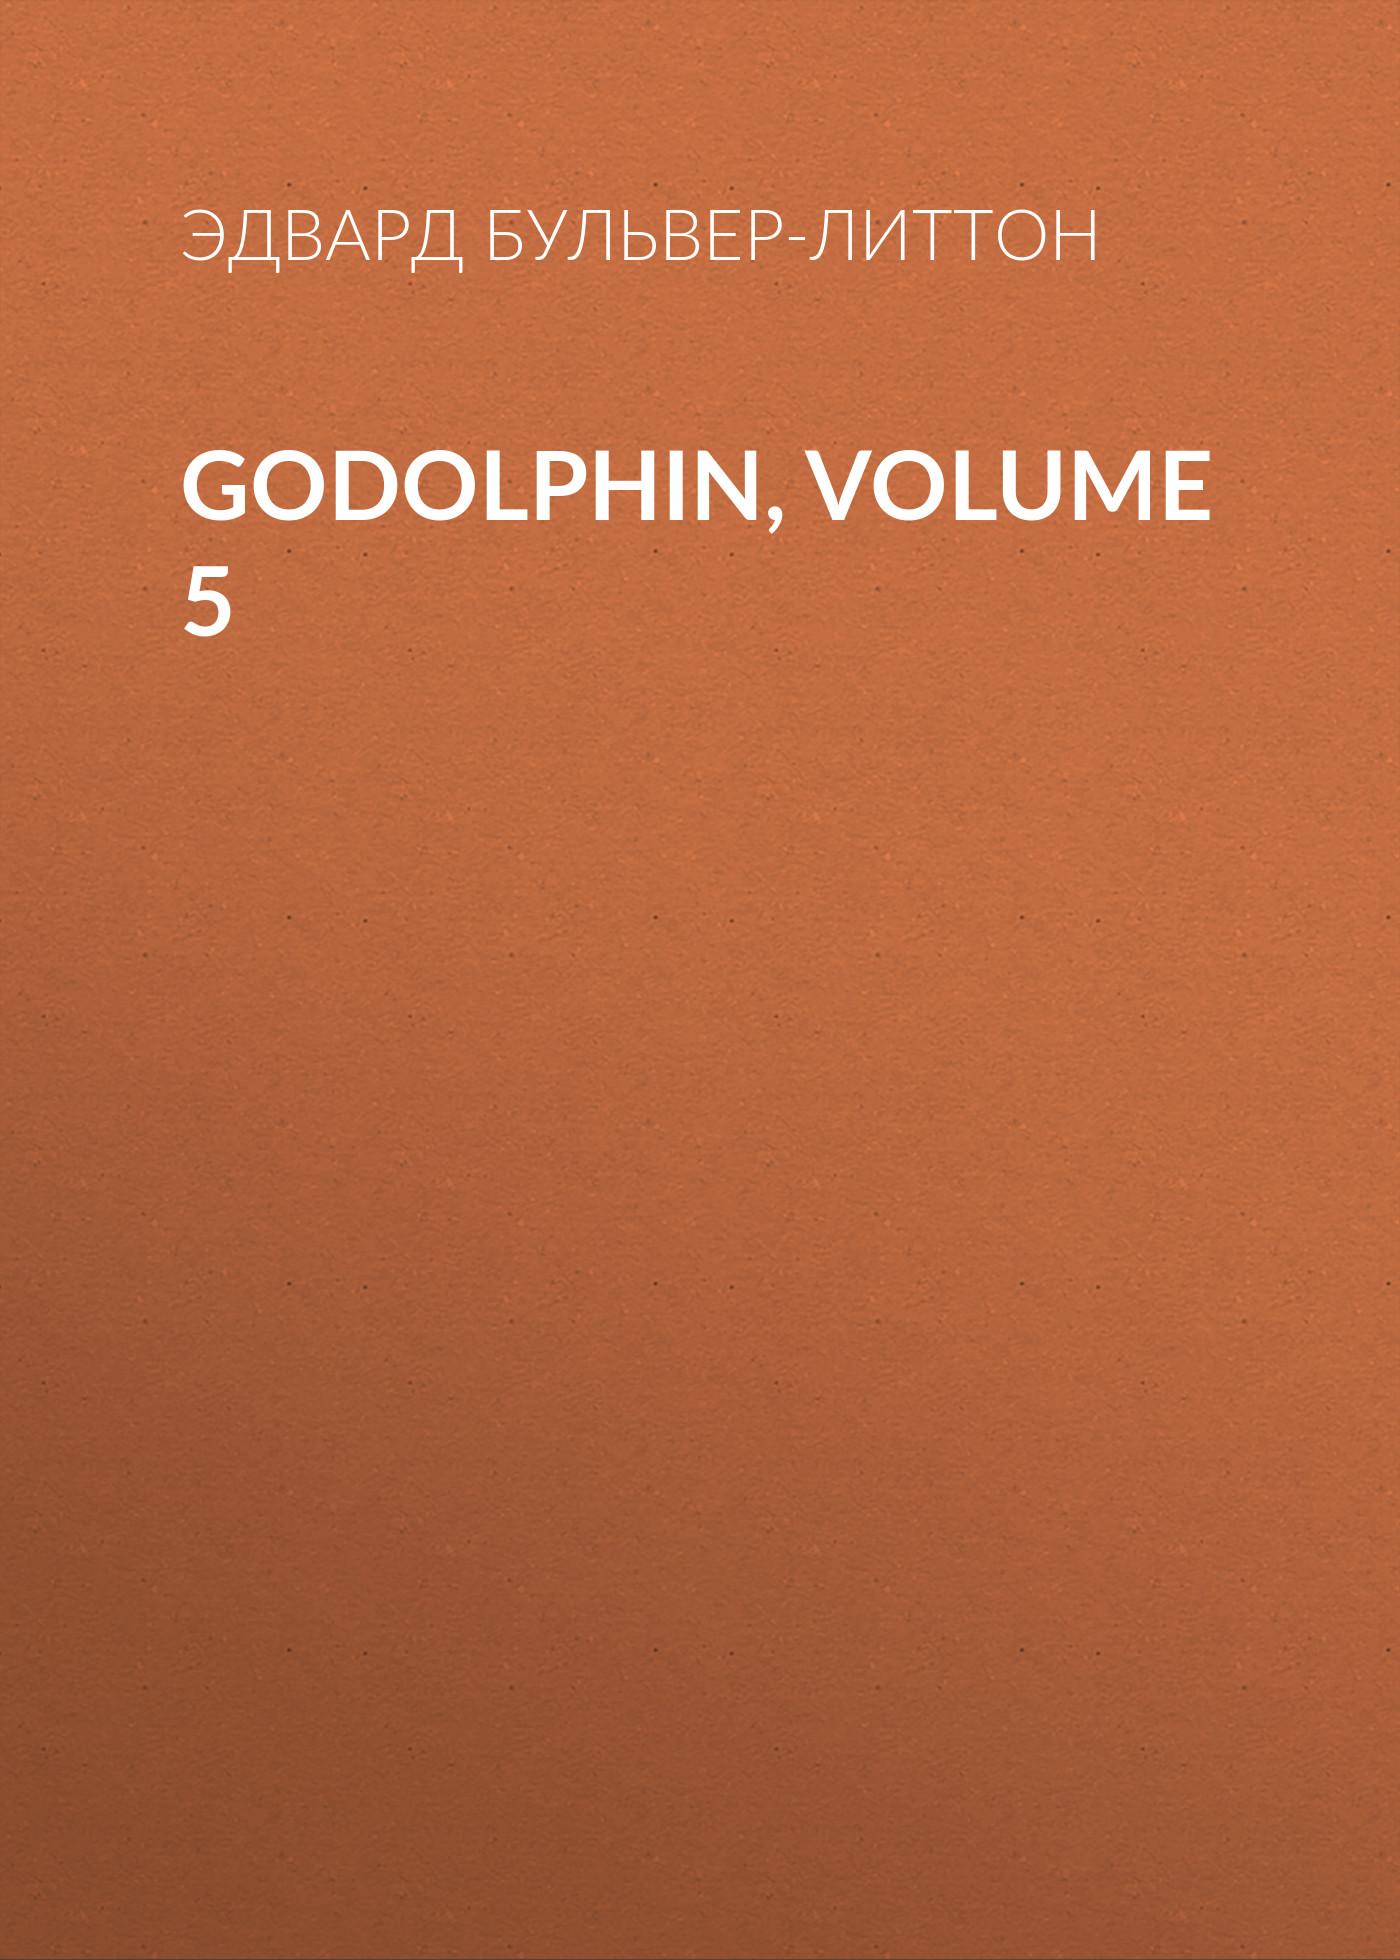 Эдвард Бульвер-Литтон Godolphin, Volume 5 empowered volume 5